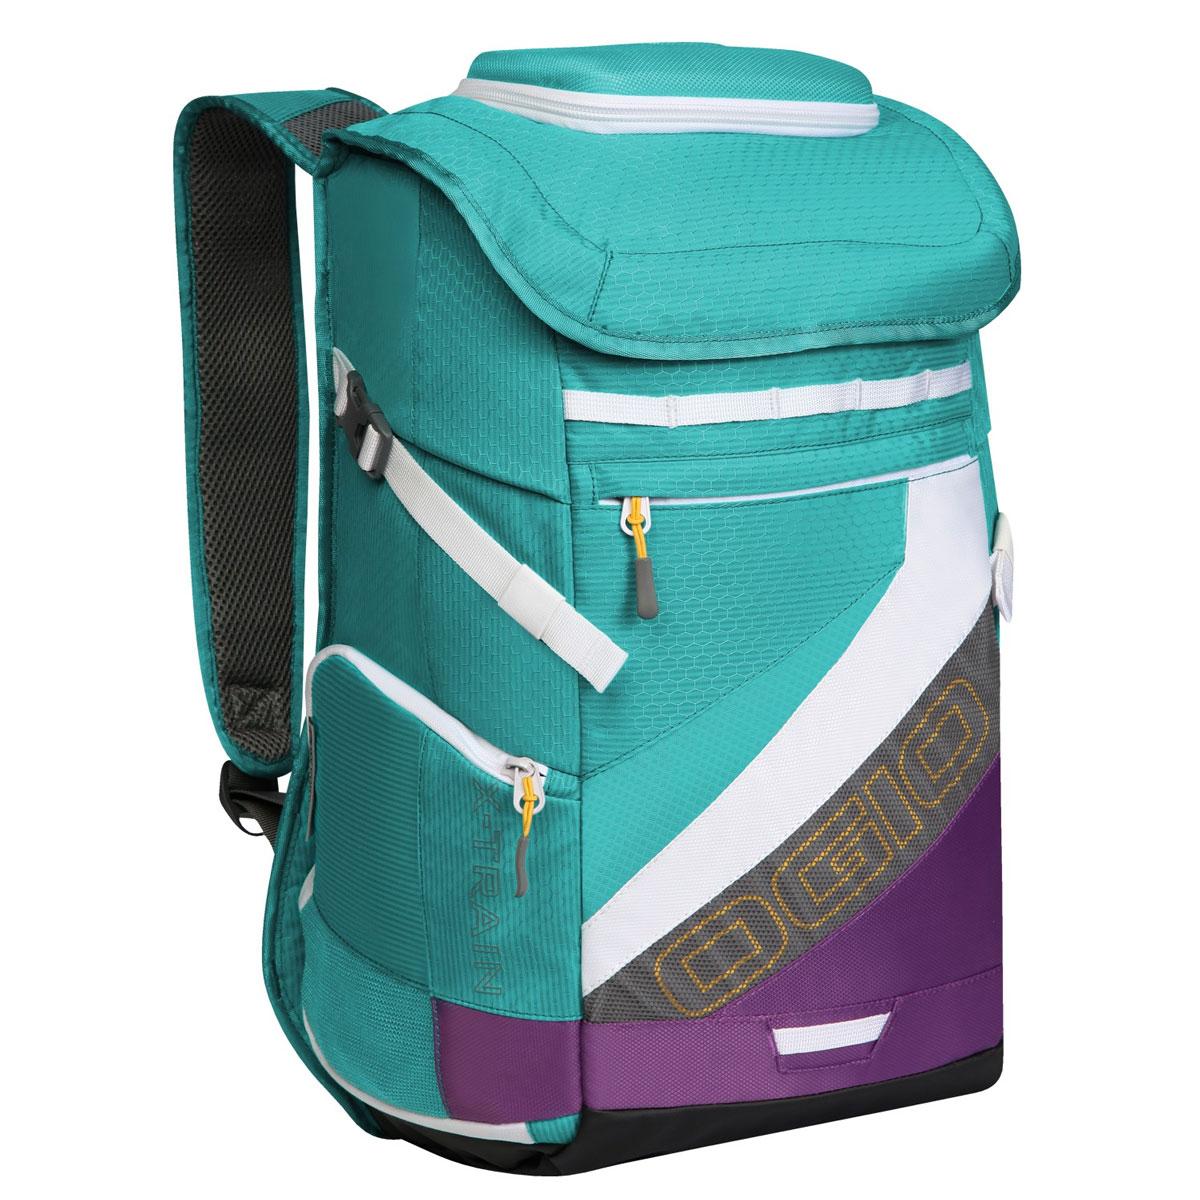 Рюкзак спортивный OGIO X-Train, цвет: голубой, фиолетовый. 112039.377112039.377Спортивный рюкзак OGIO X-Train - это отличный помощник в вашей жизни. Он отлично подойдет для занятия спортом, фитнессом, туризмом, и для повседневной носки. Особенности: Удароустойчивый армированный карман. Отстегиваемая внешняя лямка для крепления шлема. Боковые ремешки для крепления полотенец или ковриков. Специальный отдел для хранения сухой/мокрой одежды или обуви в режиме тренировки или для iPad в режиме обучения. Высокопрочные и легкие материалы. Перегородка отделяет основное отделение от отделения для мокрой/сухой одежды или обуви. Особое покрытие отделения для мокрой/сухой одежды или обуви облегчает чистку. Эргономичные, регулируемые плечевые лямки, подбитые мягким материалом. Устойчивая к трению брезентовая основа. Встроенный полноразмерный карман для бутылки. Регулируемый нагрудный ремень. Объем: 23 л. Материал: Кросс-добби 420D, гекс-рипстоп 210D.